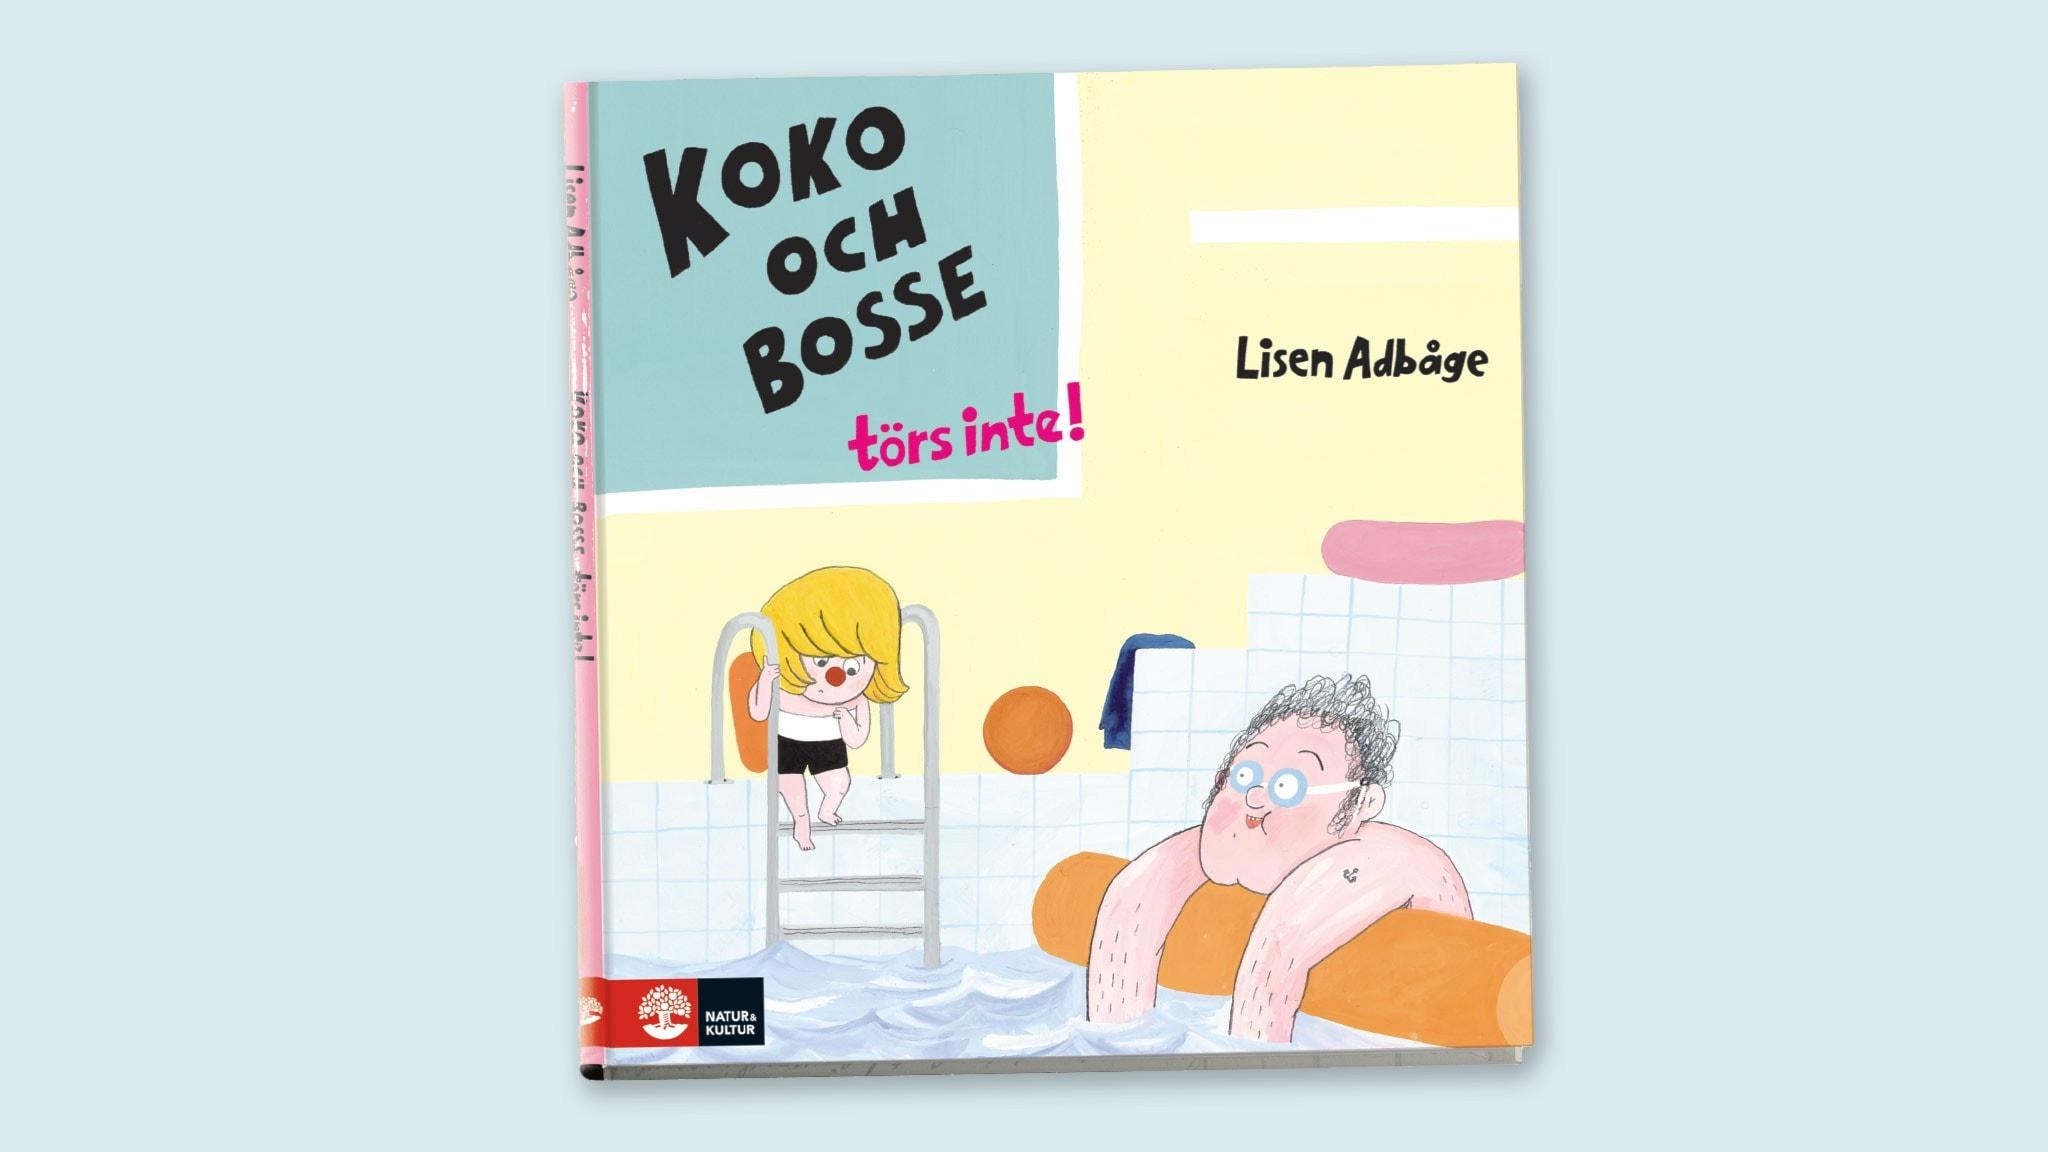 Godnattsagor: Koko och Bosse törs inte!